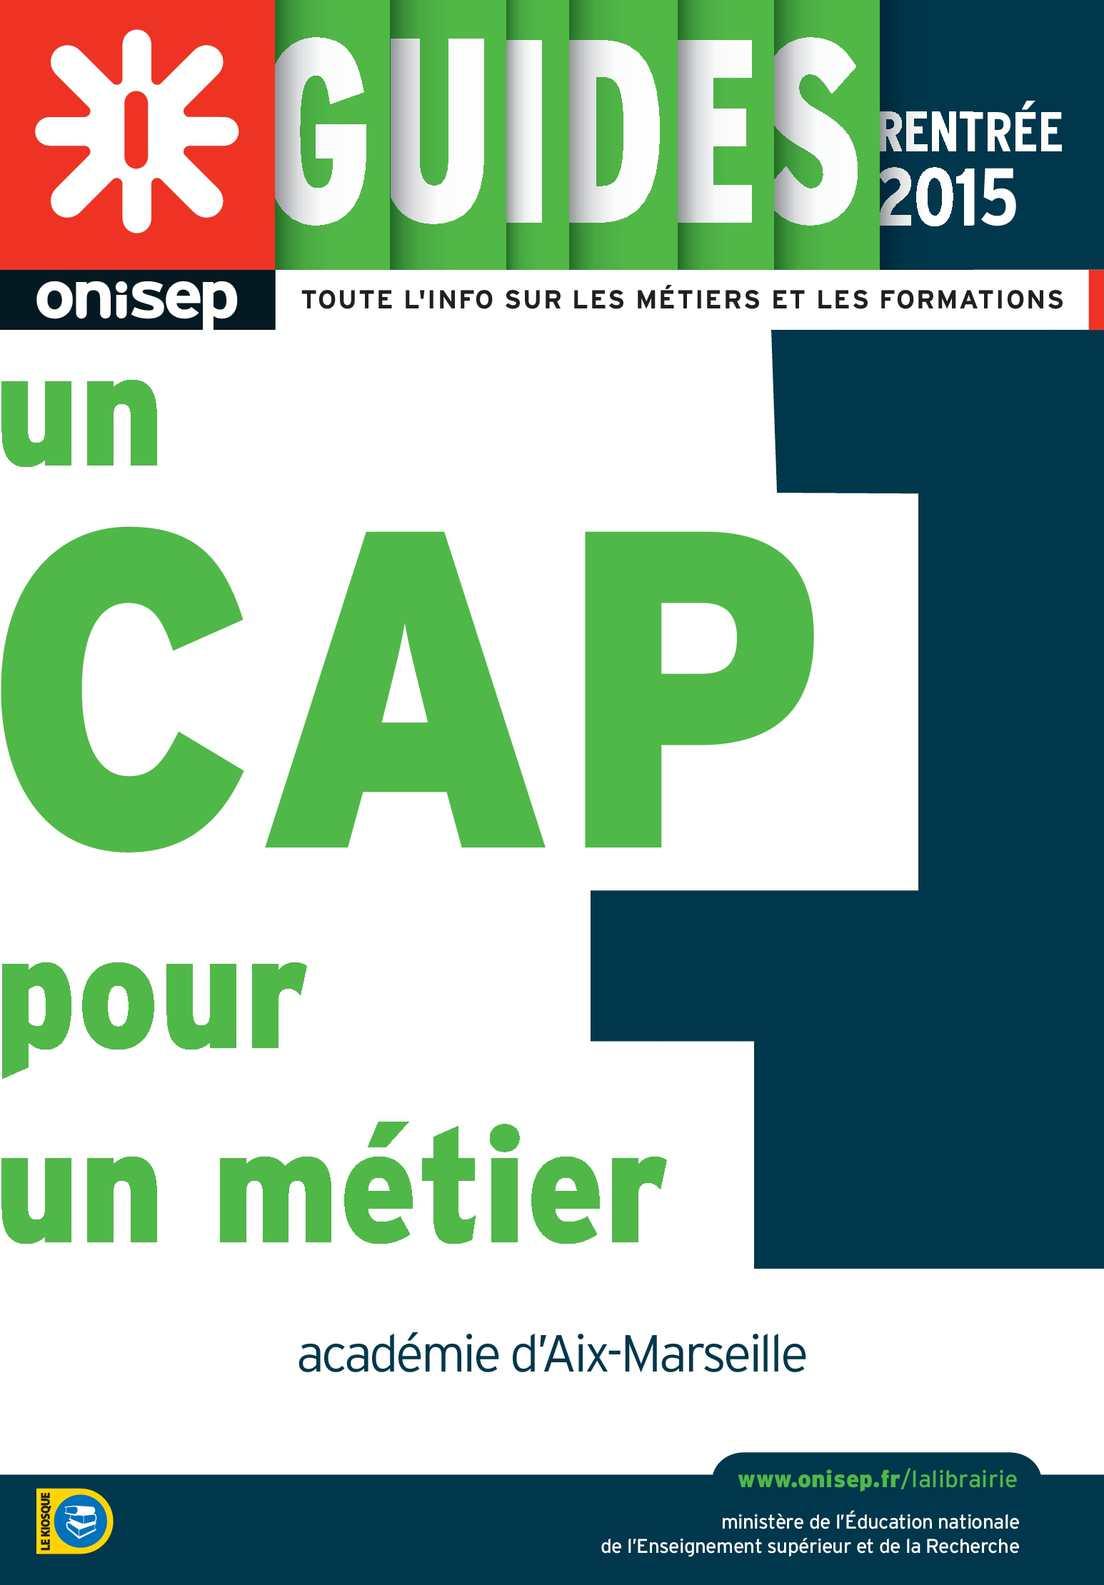 Calam o un cap pour un m tier rentr e 2015 onisep aix marseille - Office education nationale ...